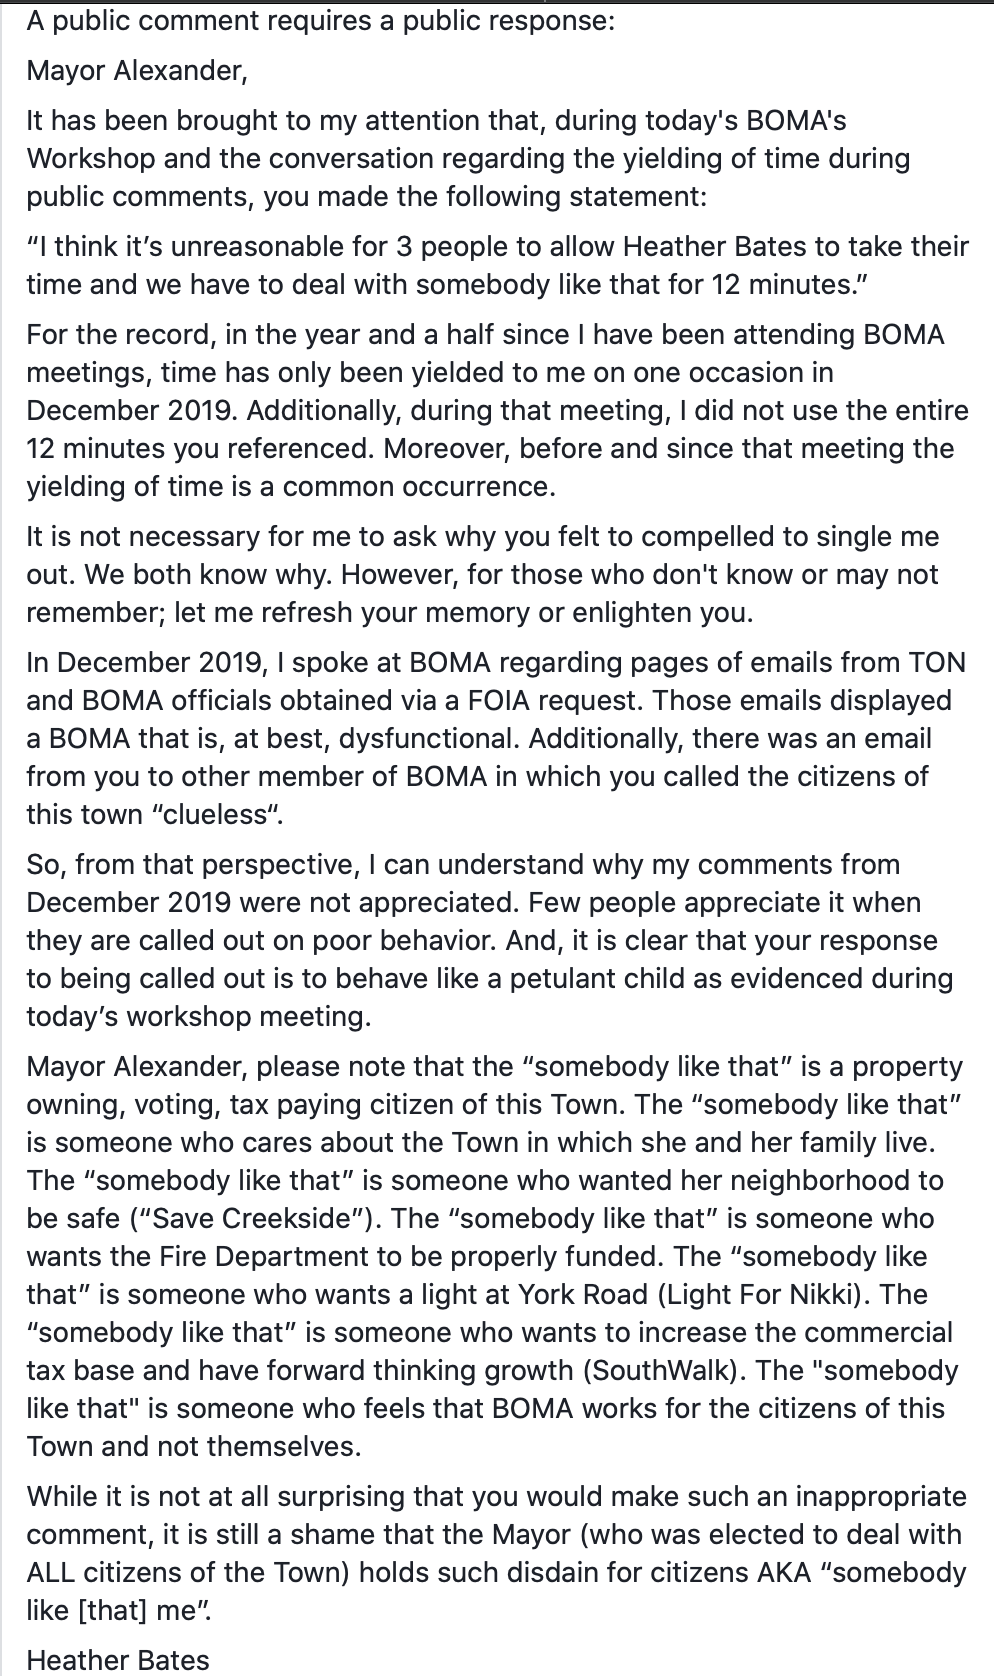 Screenshot Heather Bates Nolensville open letter Mayor Alexander